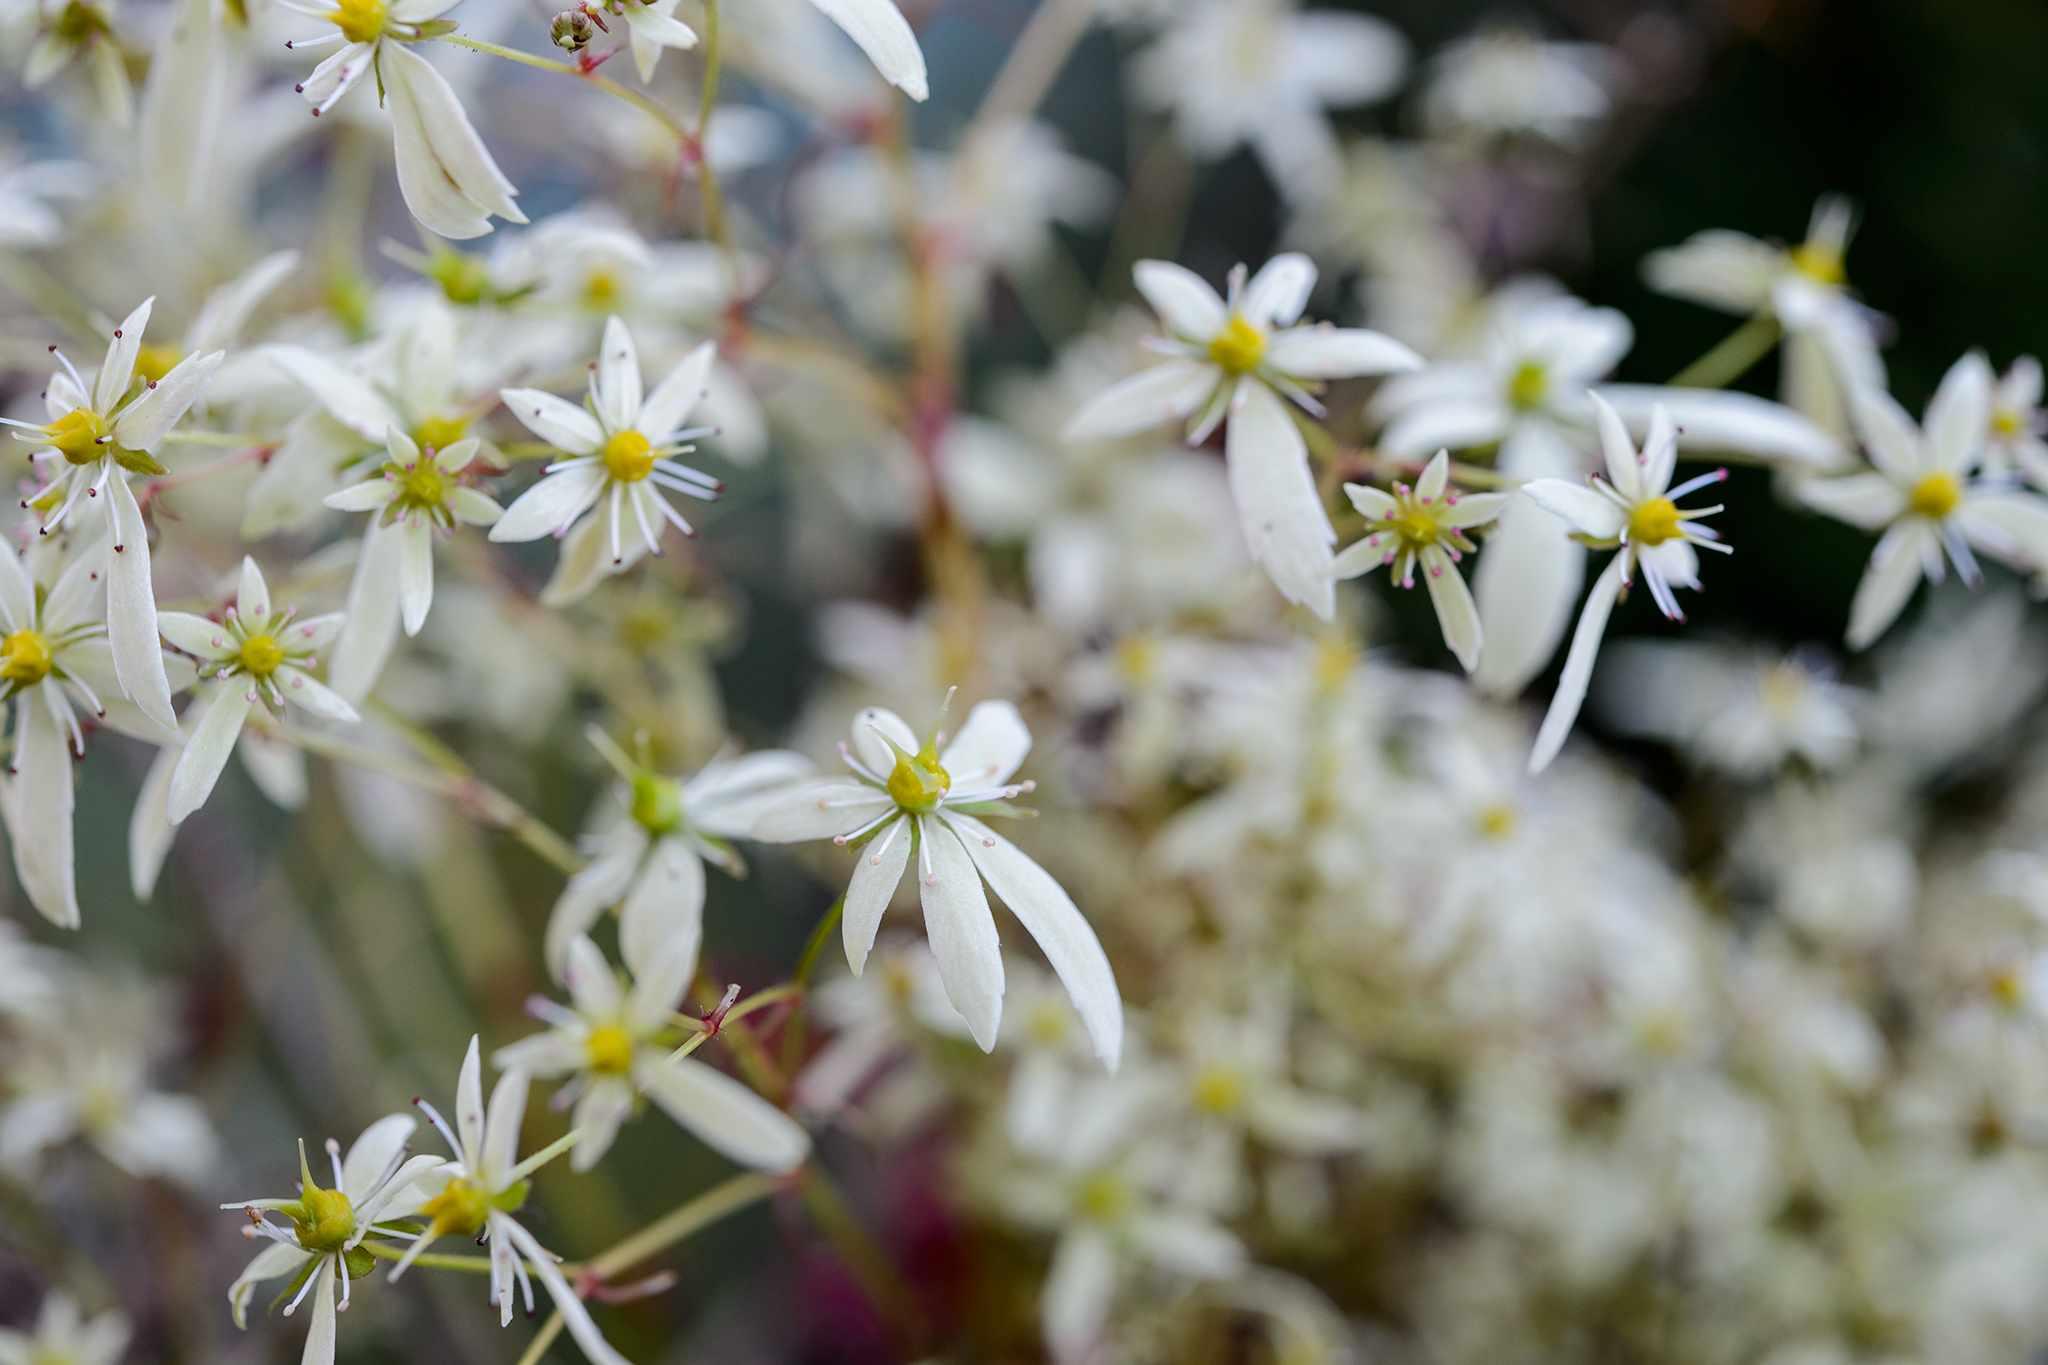 White flowers of Saxifraga fortunei